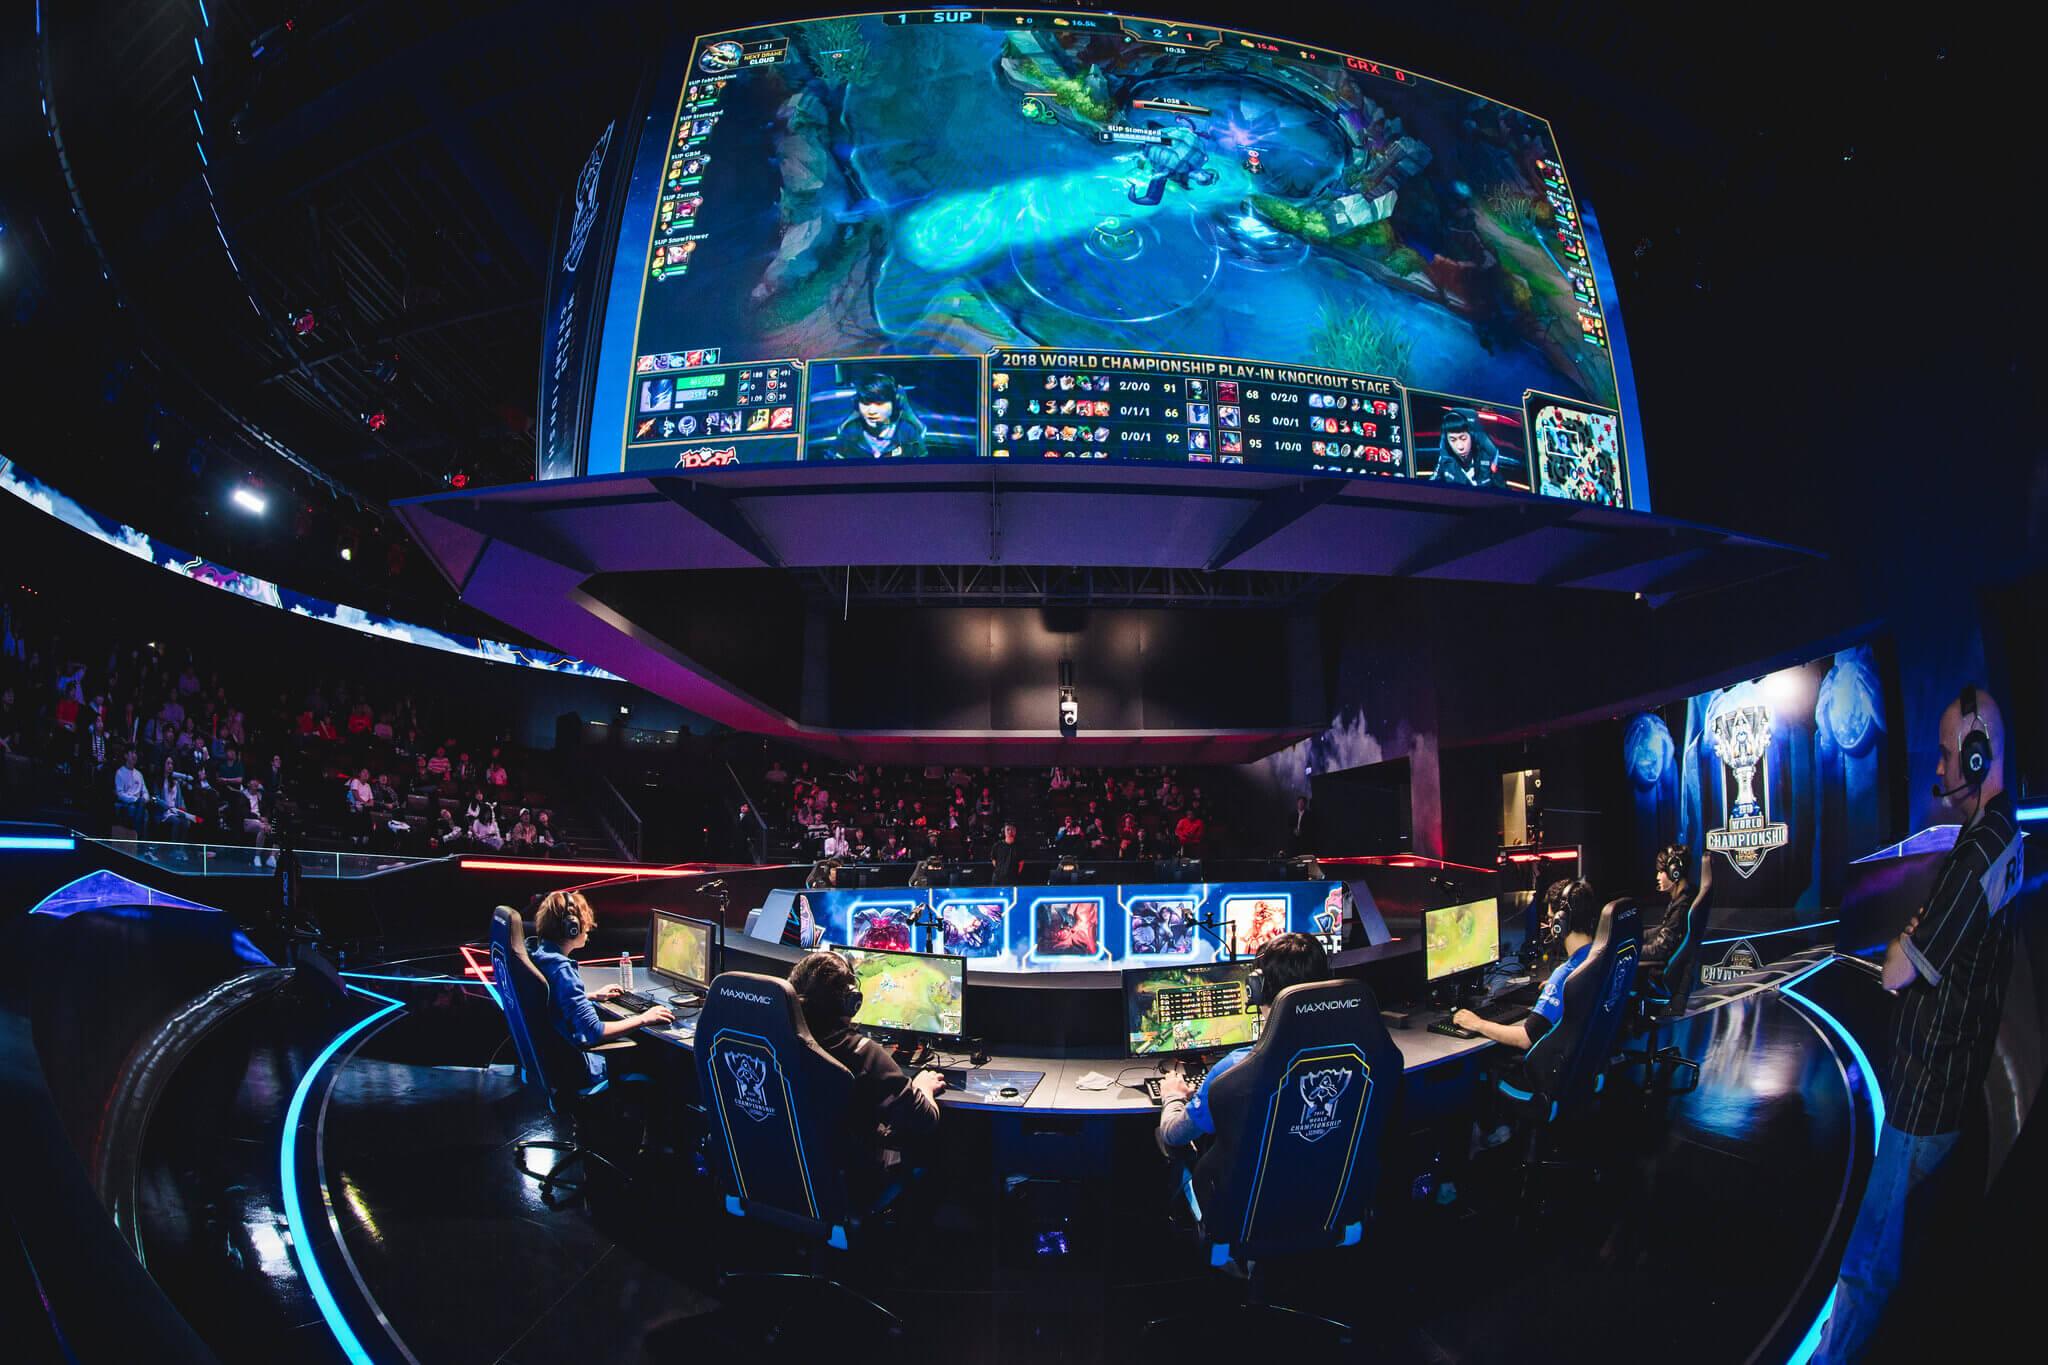 League of Legends stars Uzi, iloveoov and more fined for toxic behavior